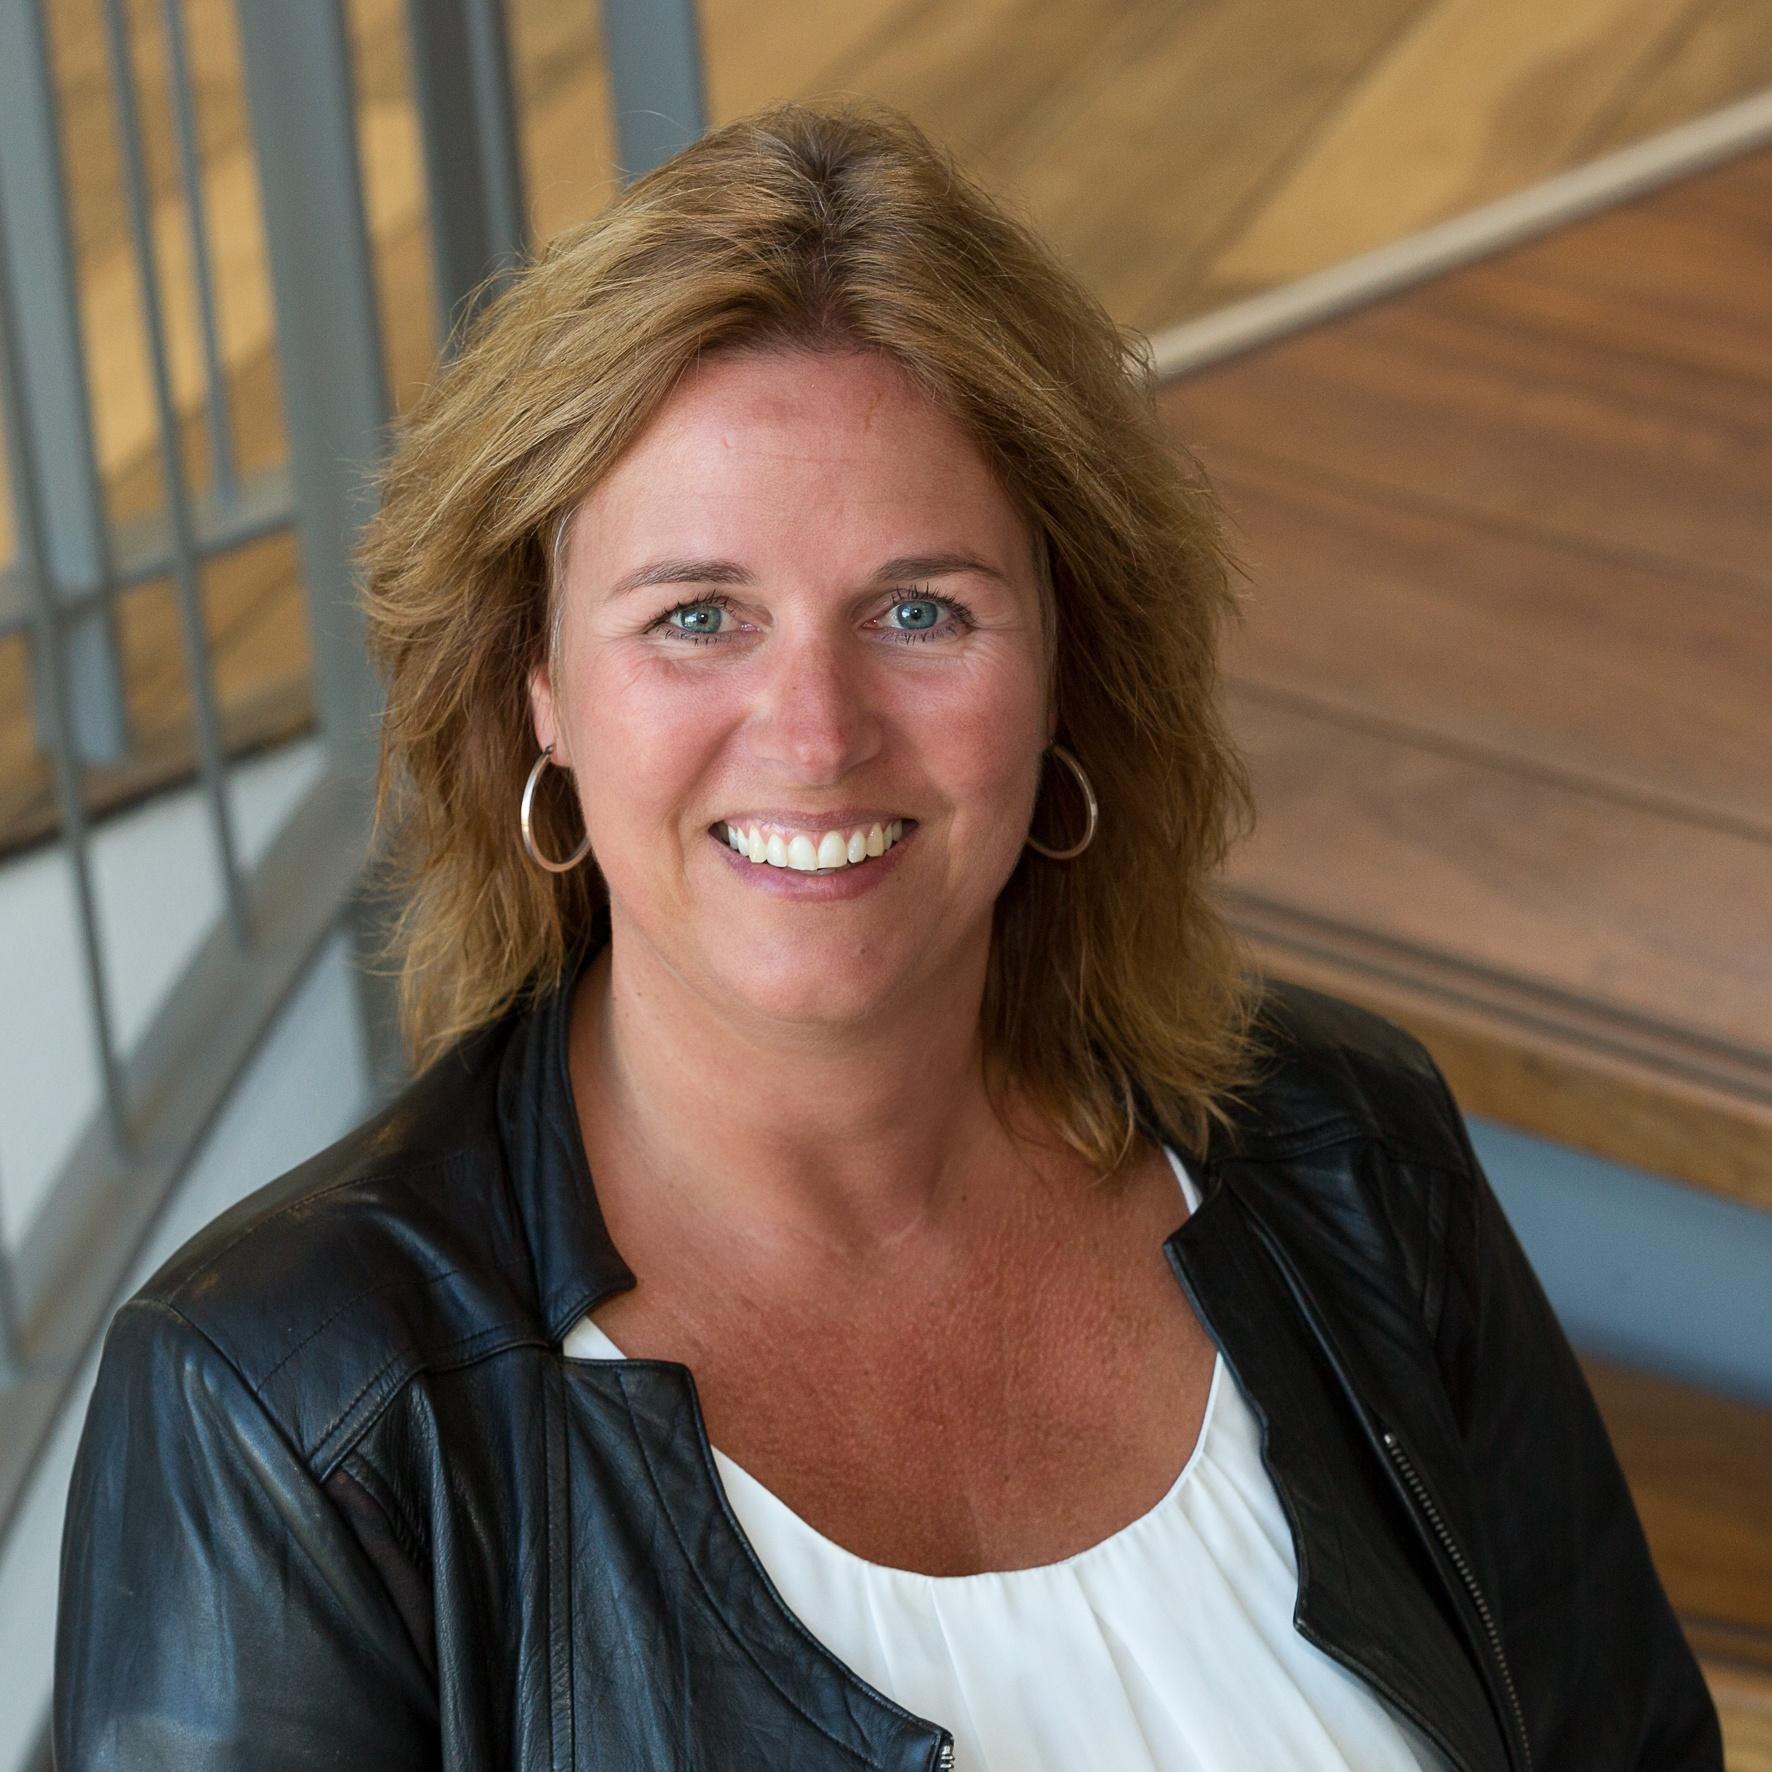 Ingrid Reudink